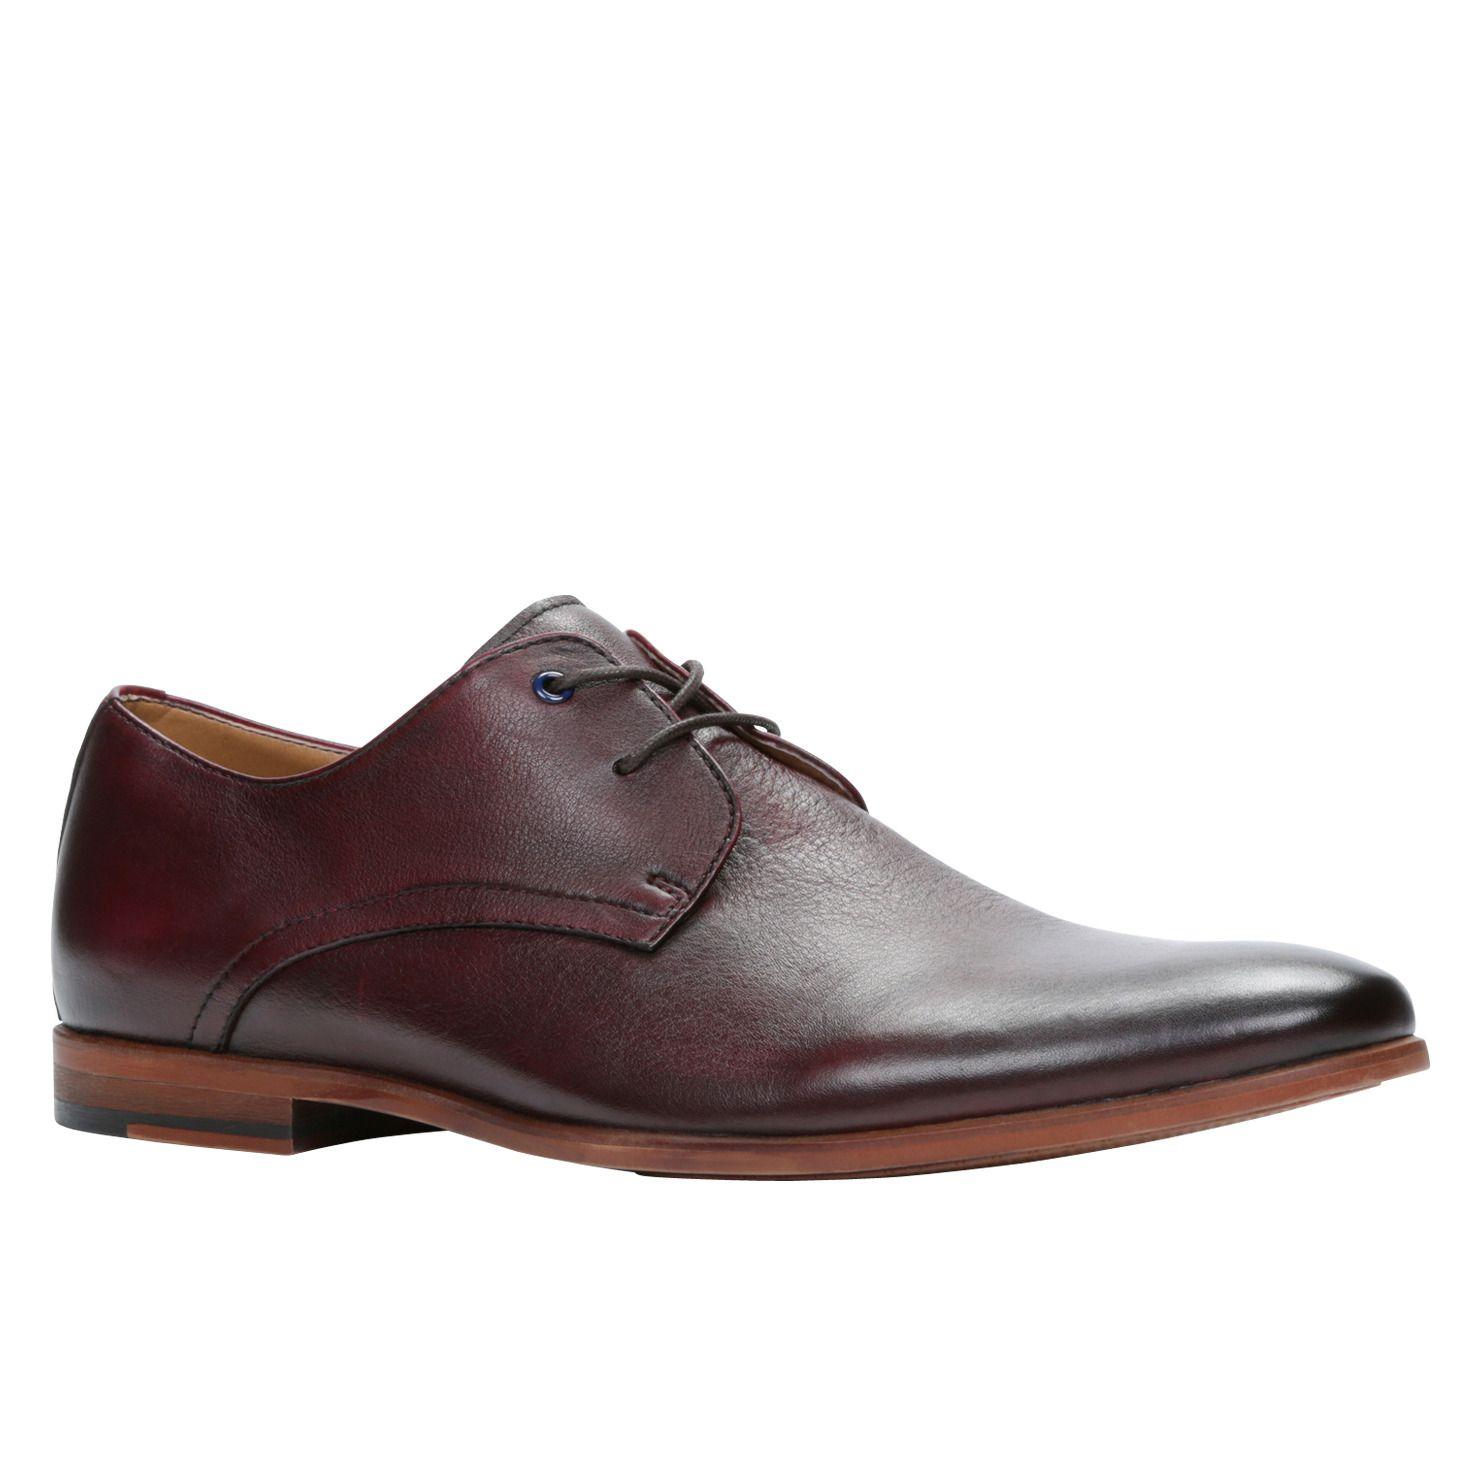 ANDREWS - men's dress lace-ups shoes for sale at ALDO Shoes ...